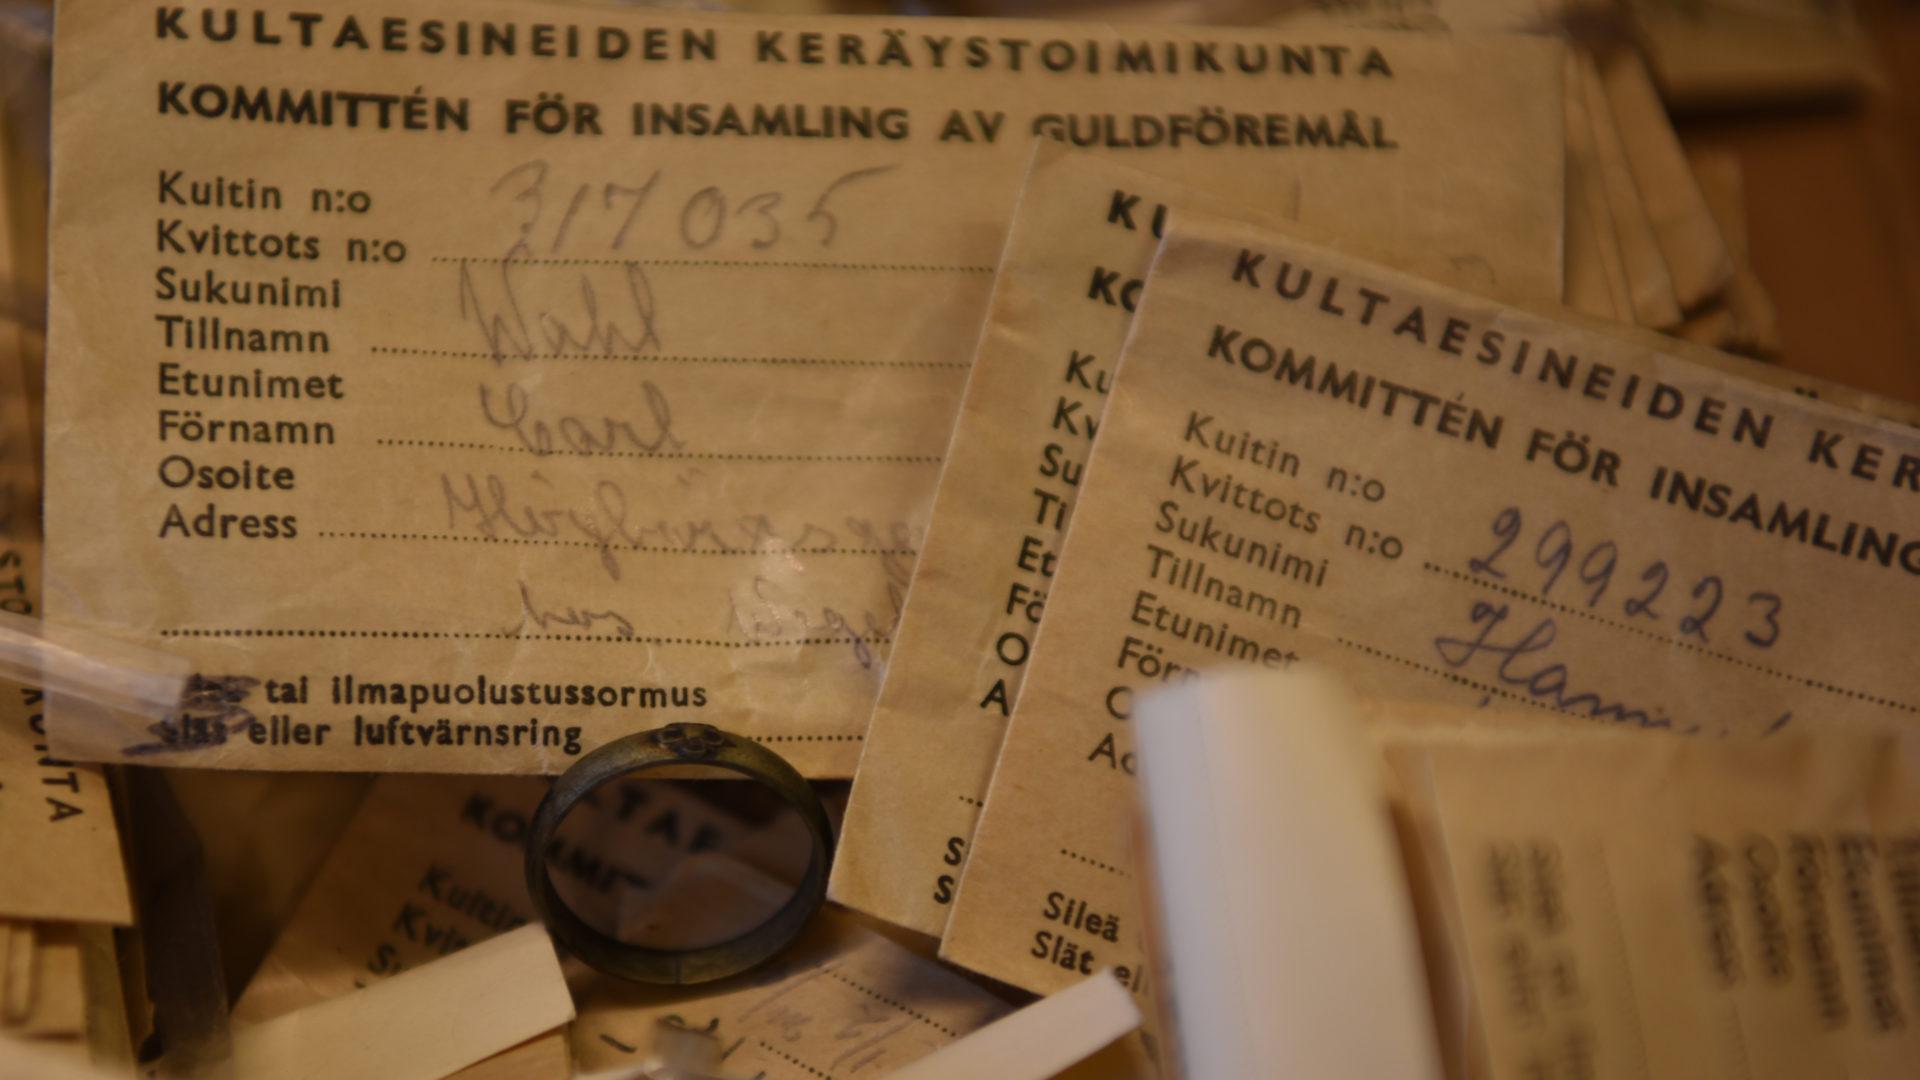 Talvisodan jälkeen keräykseen osallistuneet saivat lahjoittamansa sormuksen tai esineen tilalle rautaisen vastikesormuksen.